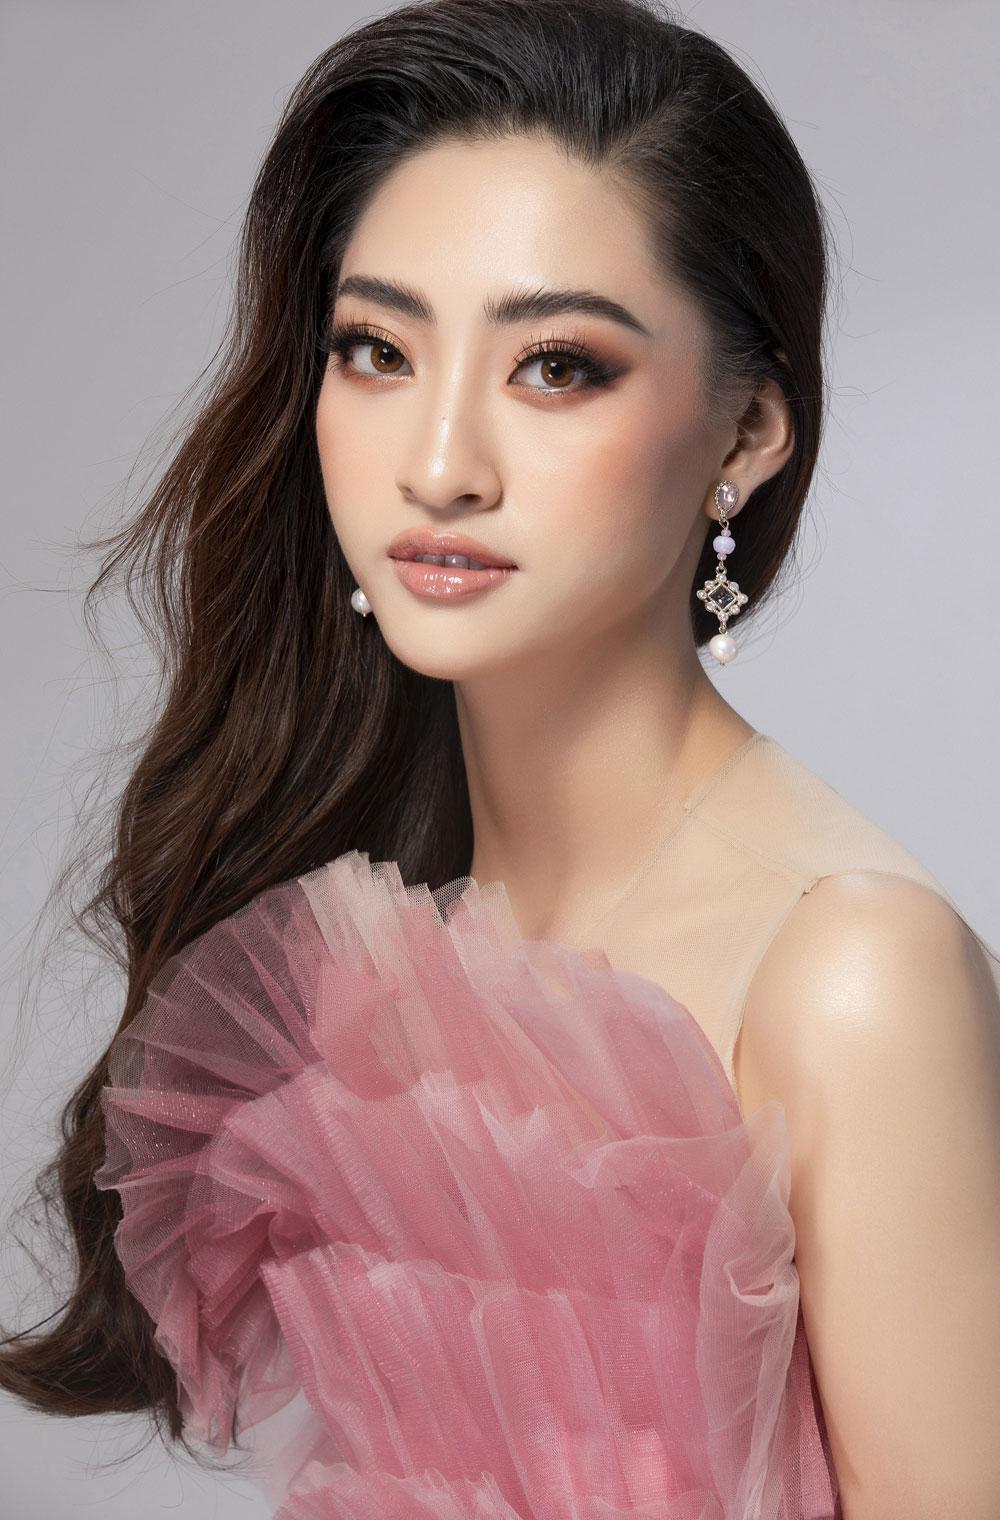 Diện đầm hồng chuẩn gu Miss World, Lương Thùy Linh cất lời ca 'A million dreams' đầy ý nghĩa 4